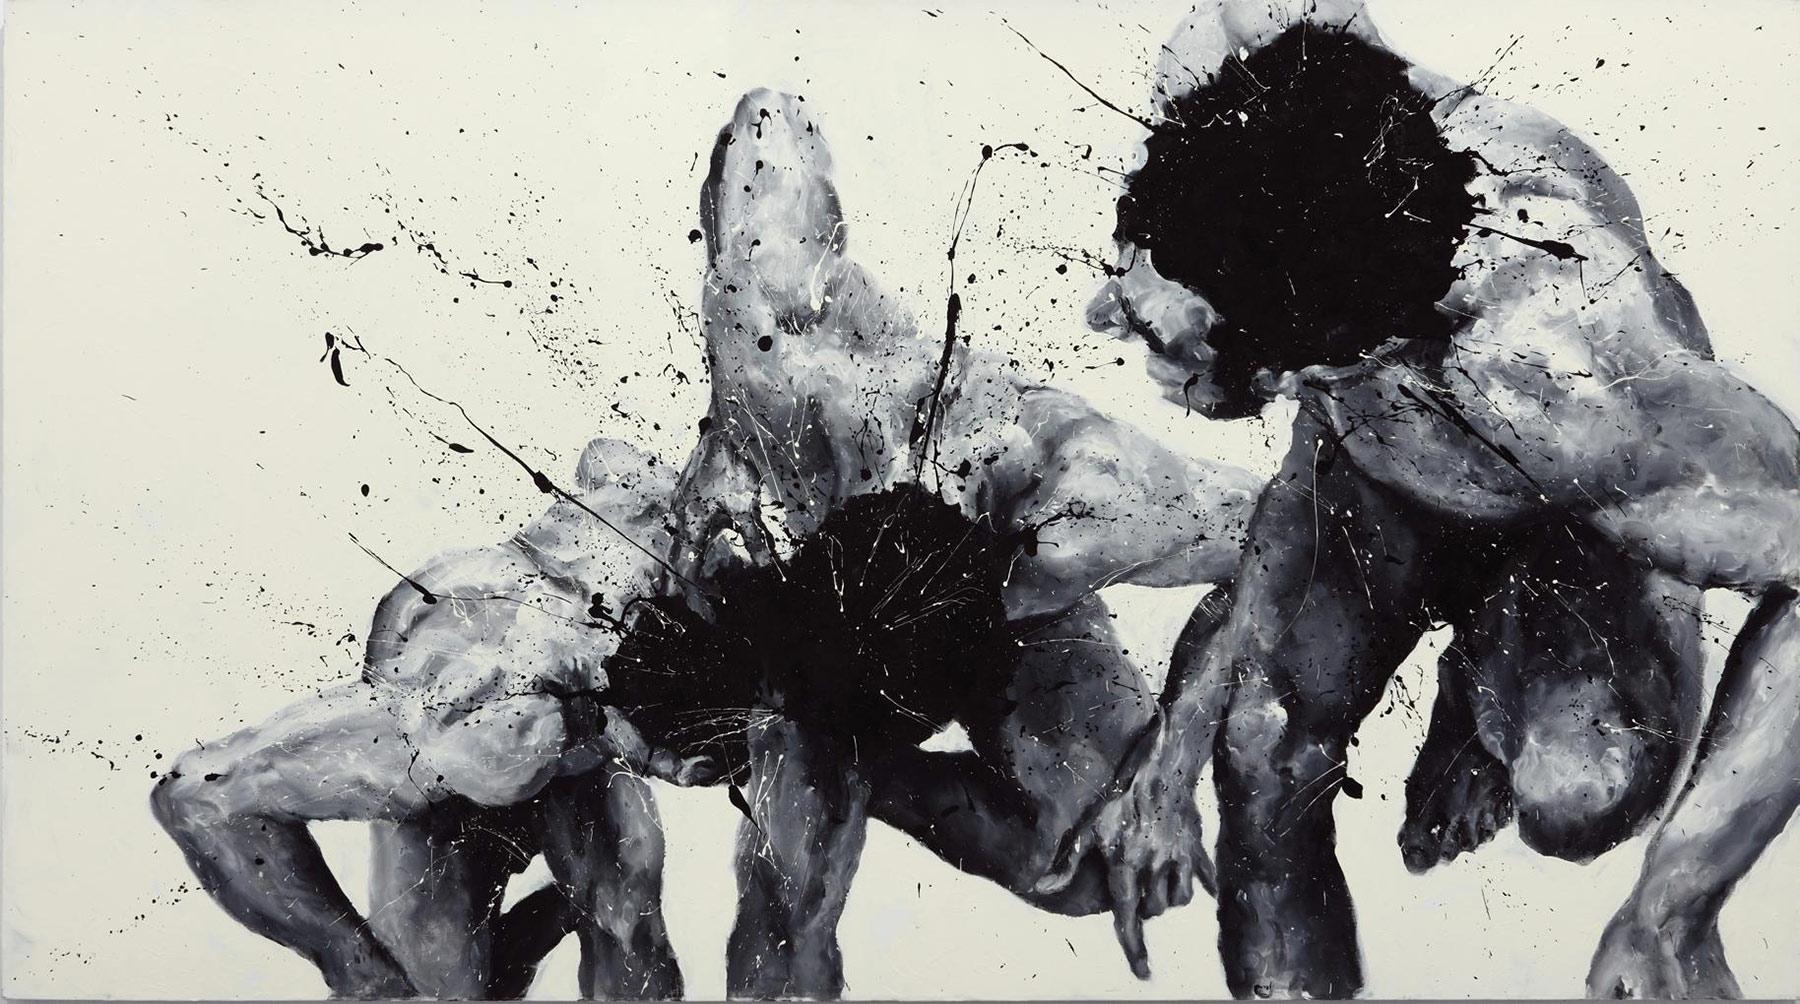 Paolo Troilo pinta el caos con los dedos